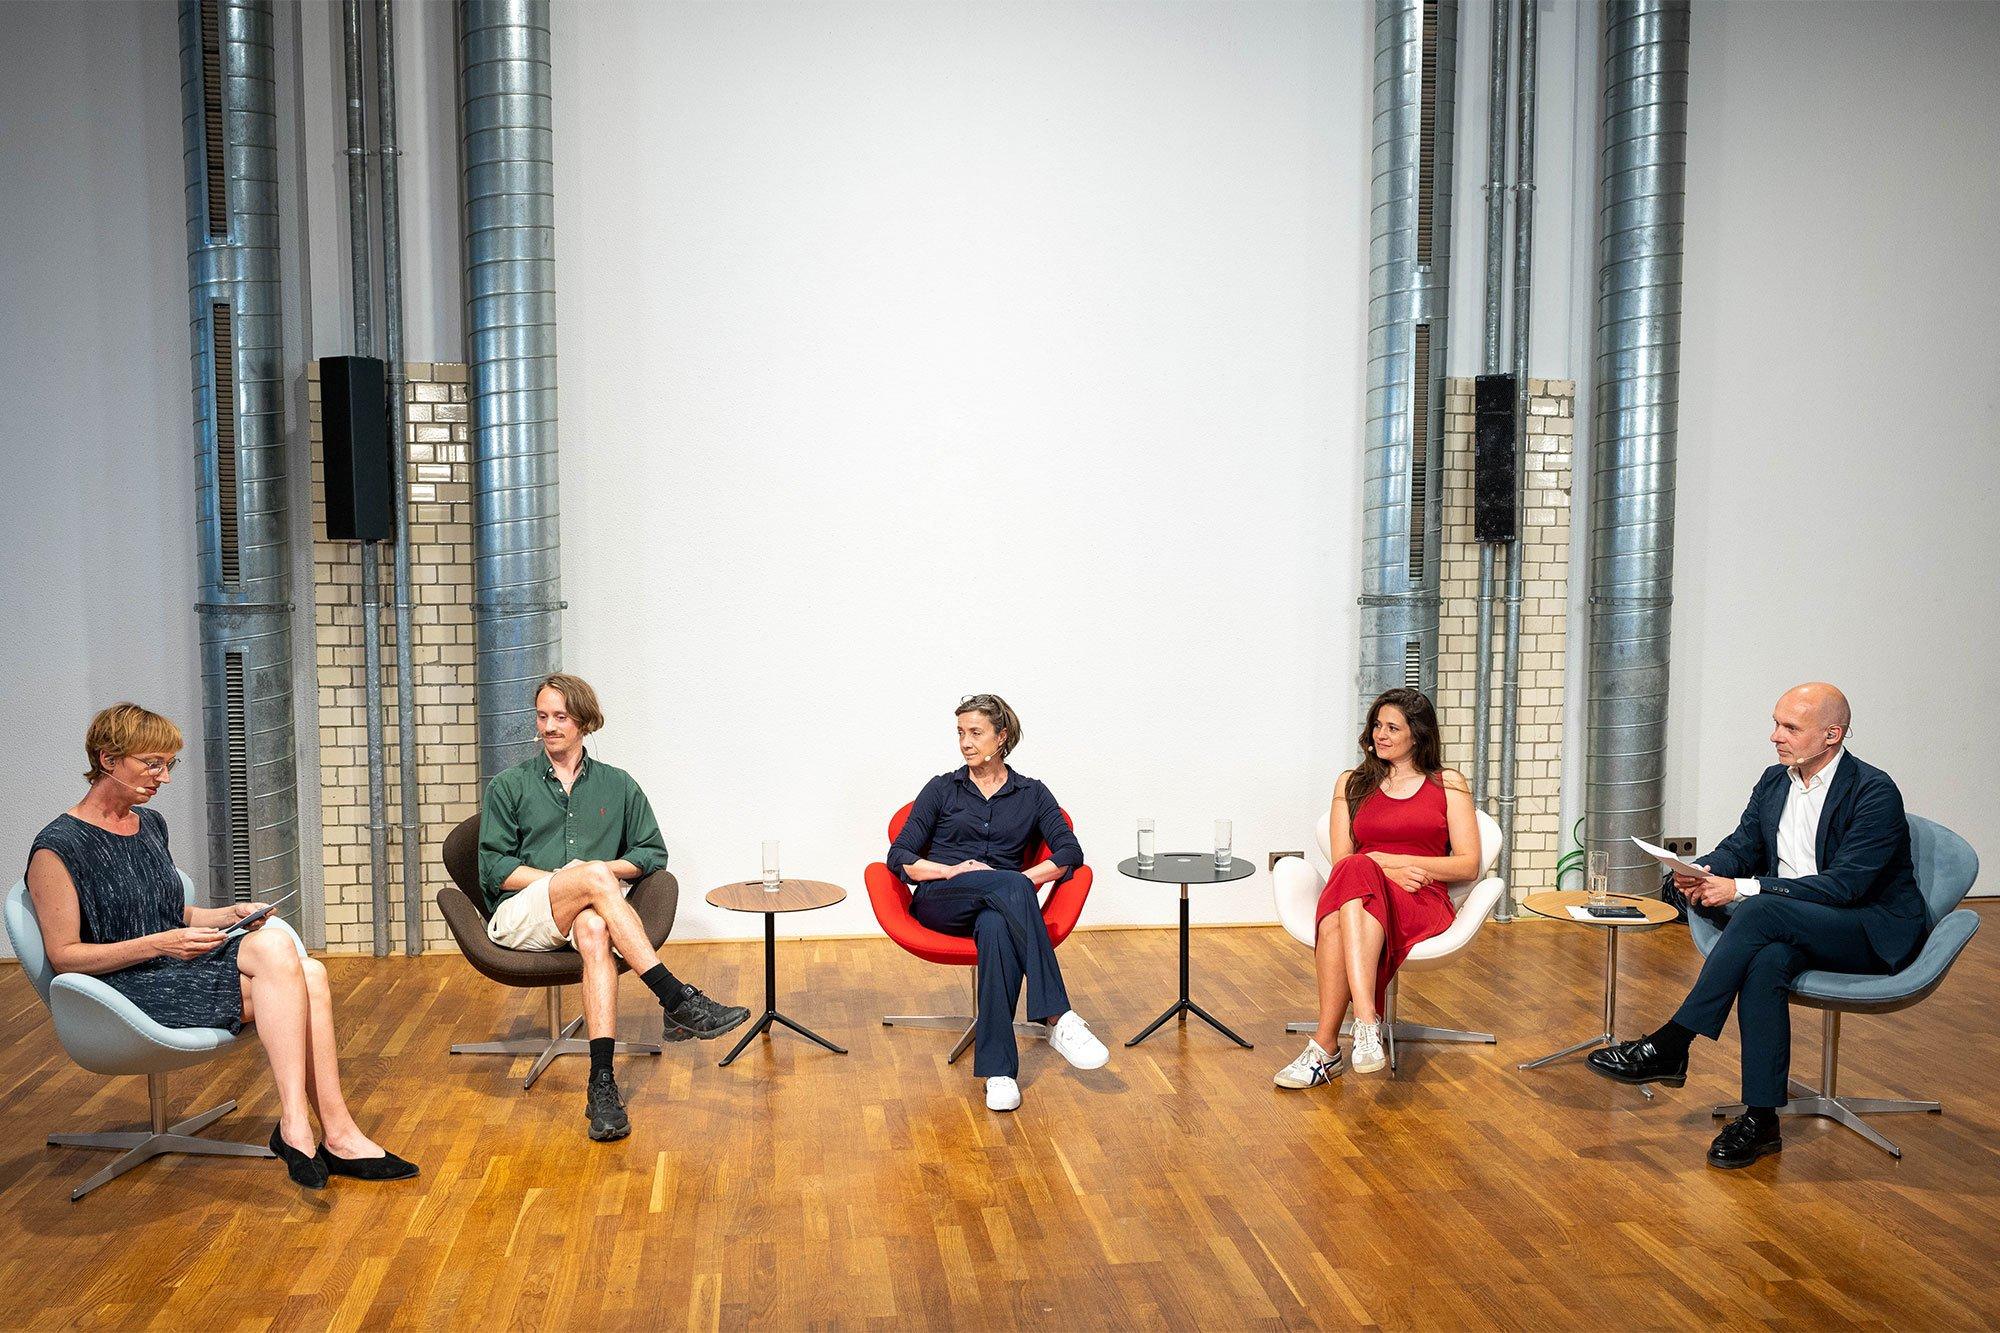 Die Talkrunde des zweiten Veranstaltungstags trug den Titel Hybride Räume: Perspektiven für eine nachhaltige (Innen-) Architektur. Foto: Christian Stallknecht